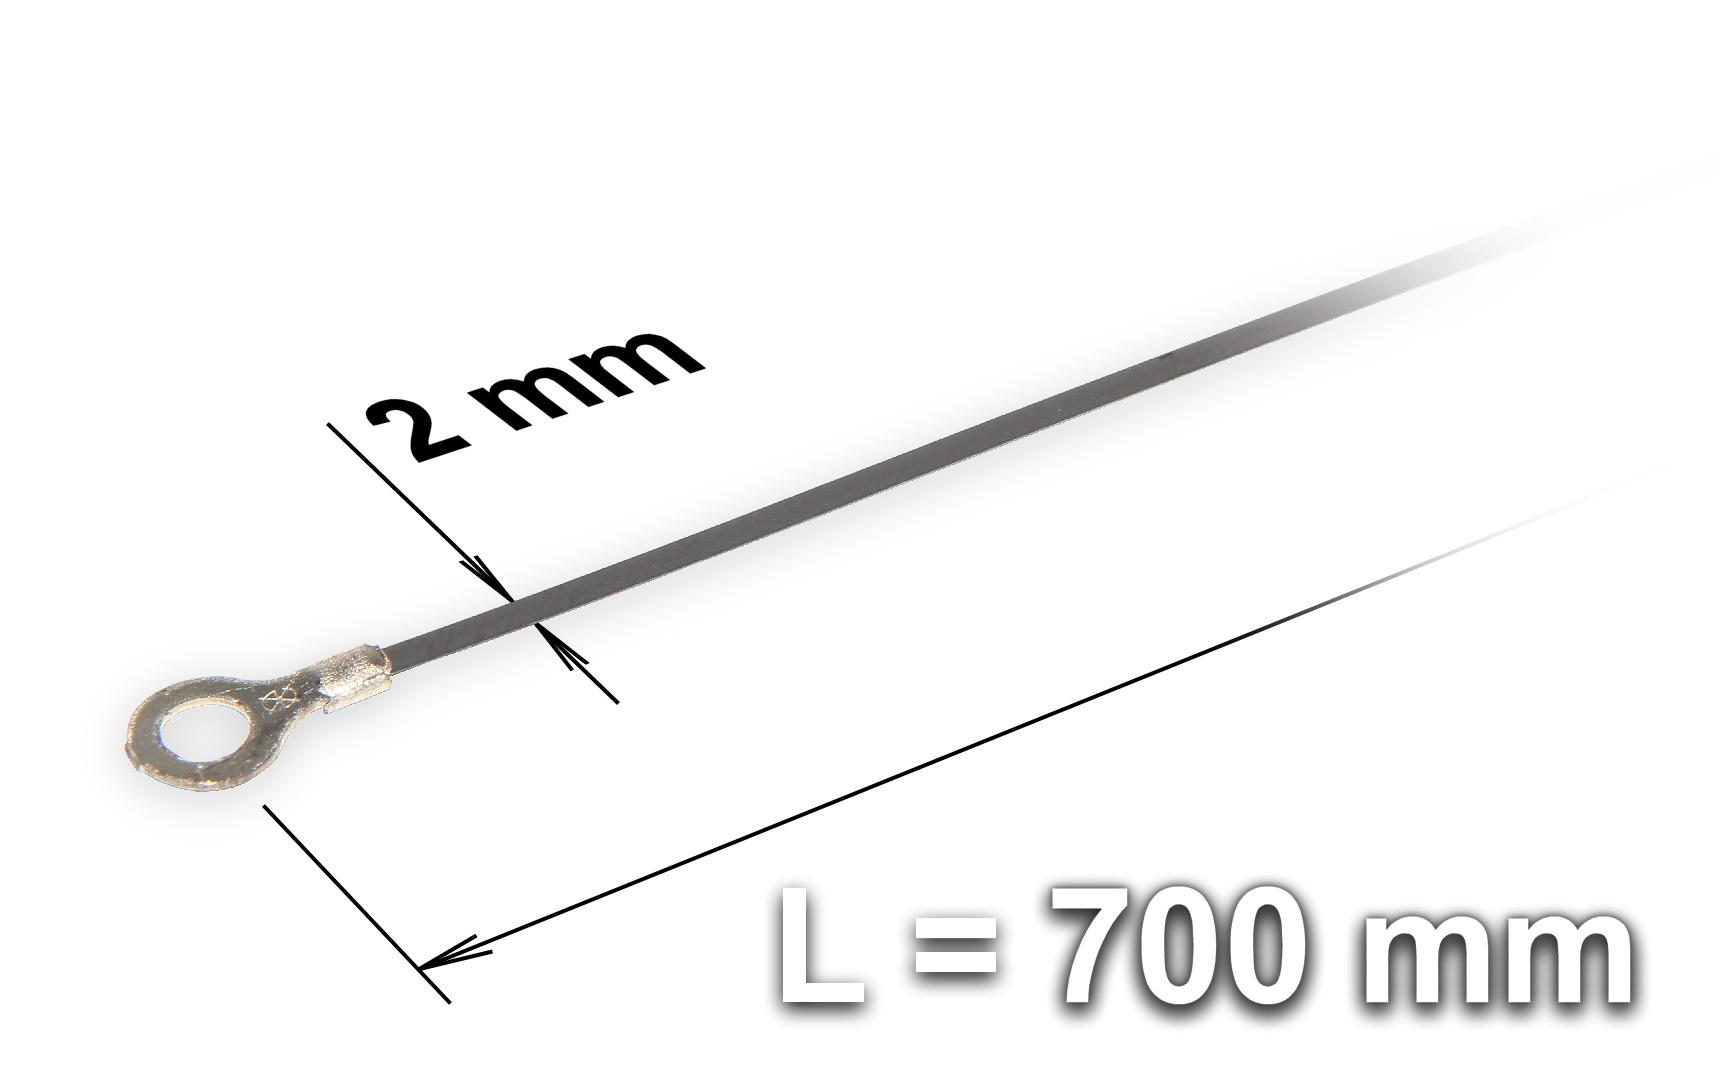 Náhradní tavící drát ke svářečce plastových fólií a sáčků typu FRN-700, šířka 2 mm